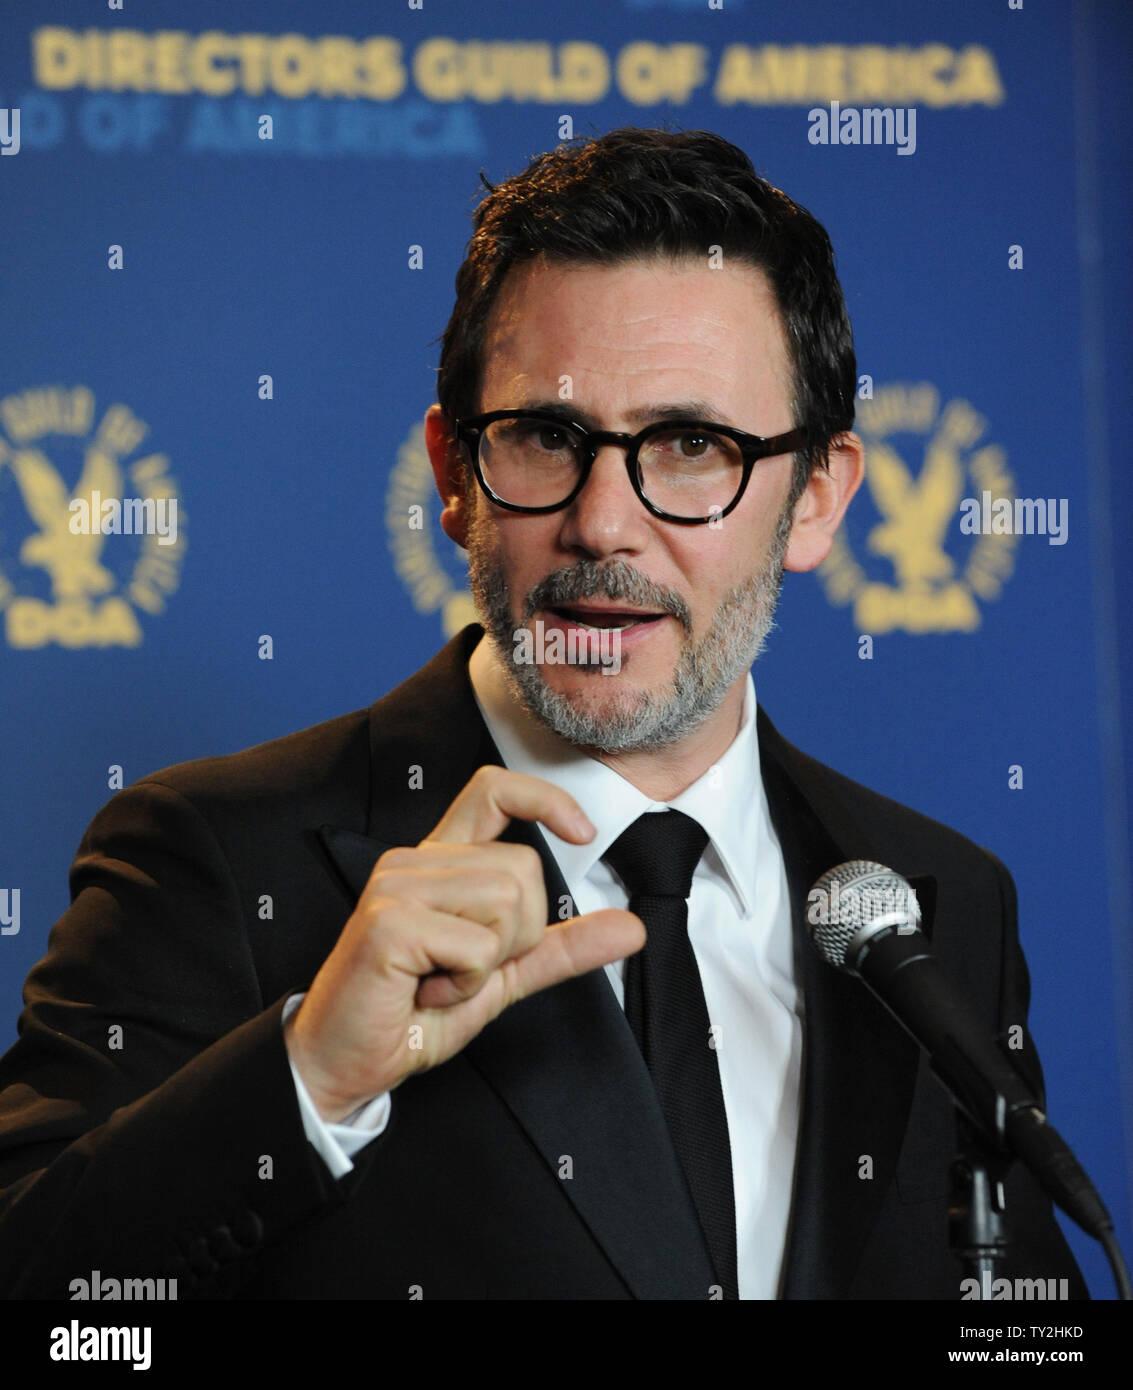 Michel Hazanavicius, director de 'El artista', aparece backstage con su premio por su destacado logro directoral en largometraje en la 64ª anual de Directors Guild of America Awards en Los Angeles el 28 de enero de 2012. UPI/Jim Ruymen Imagen De Stock